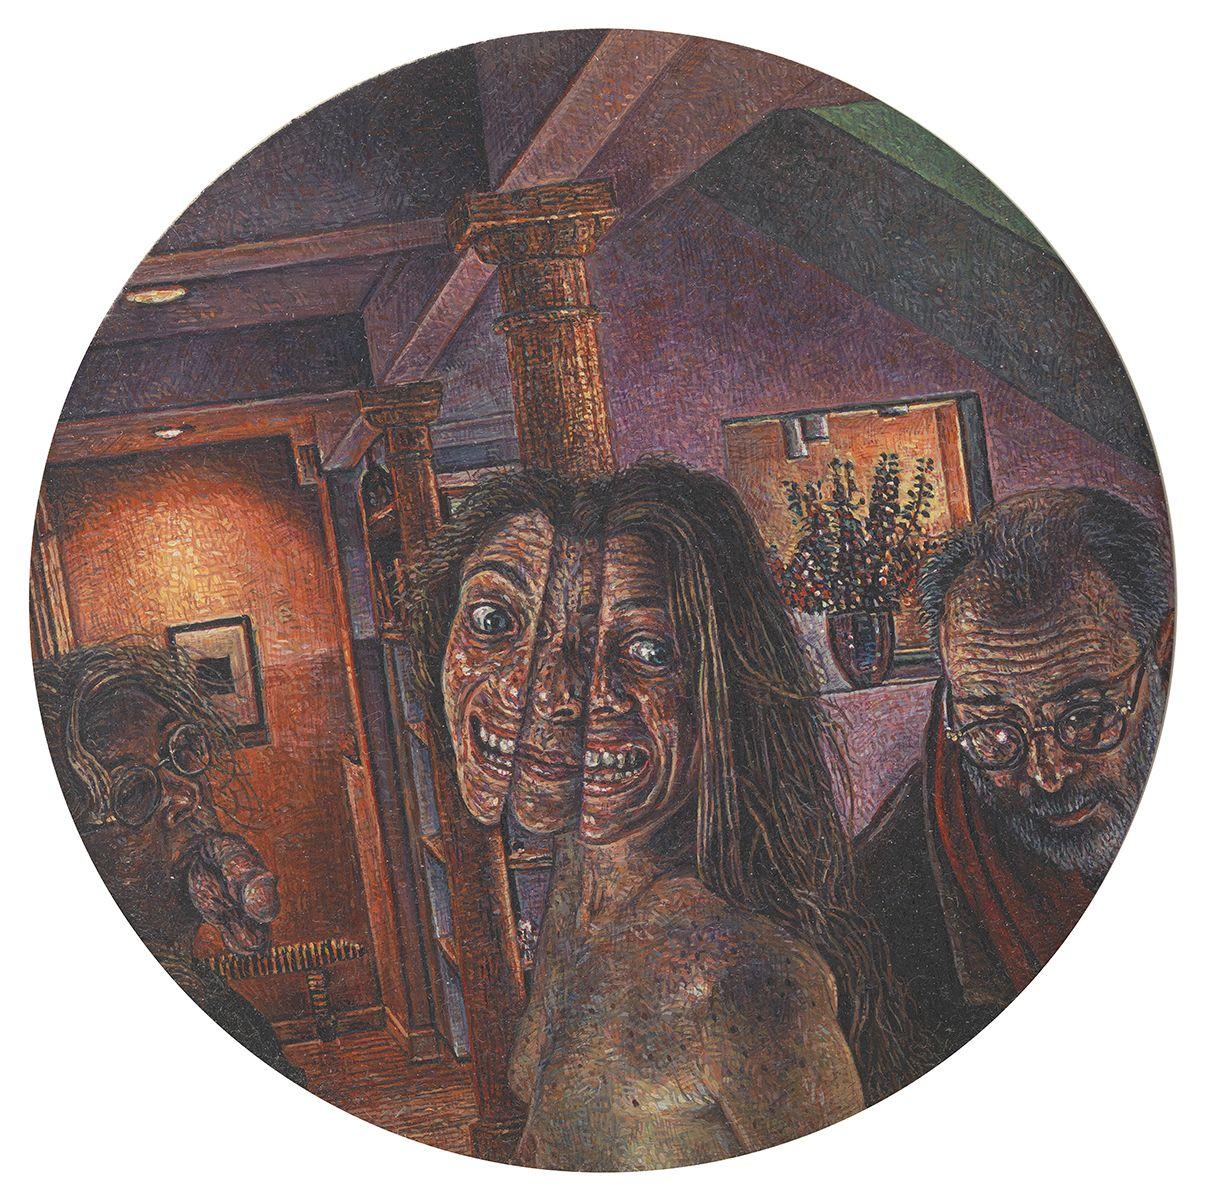 Mark Greenwold, Circle #6 (Split Osis), 1995